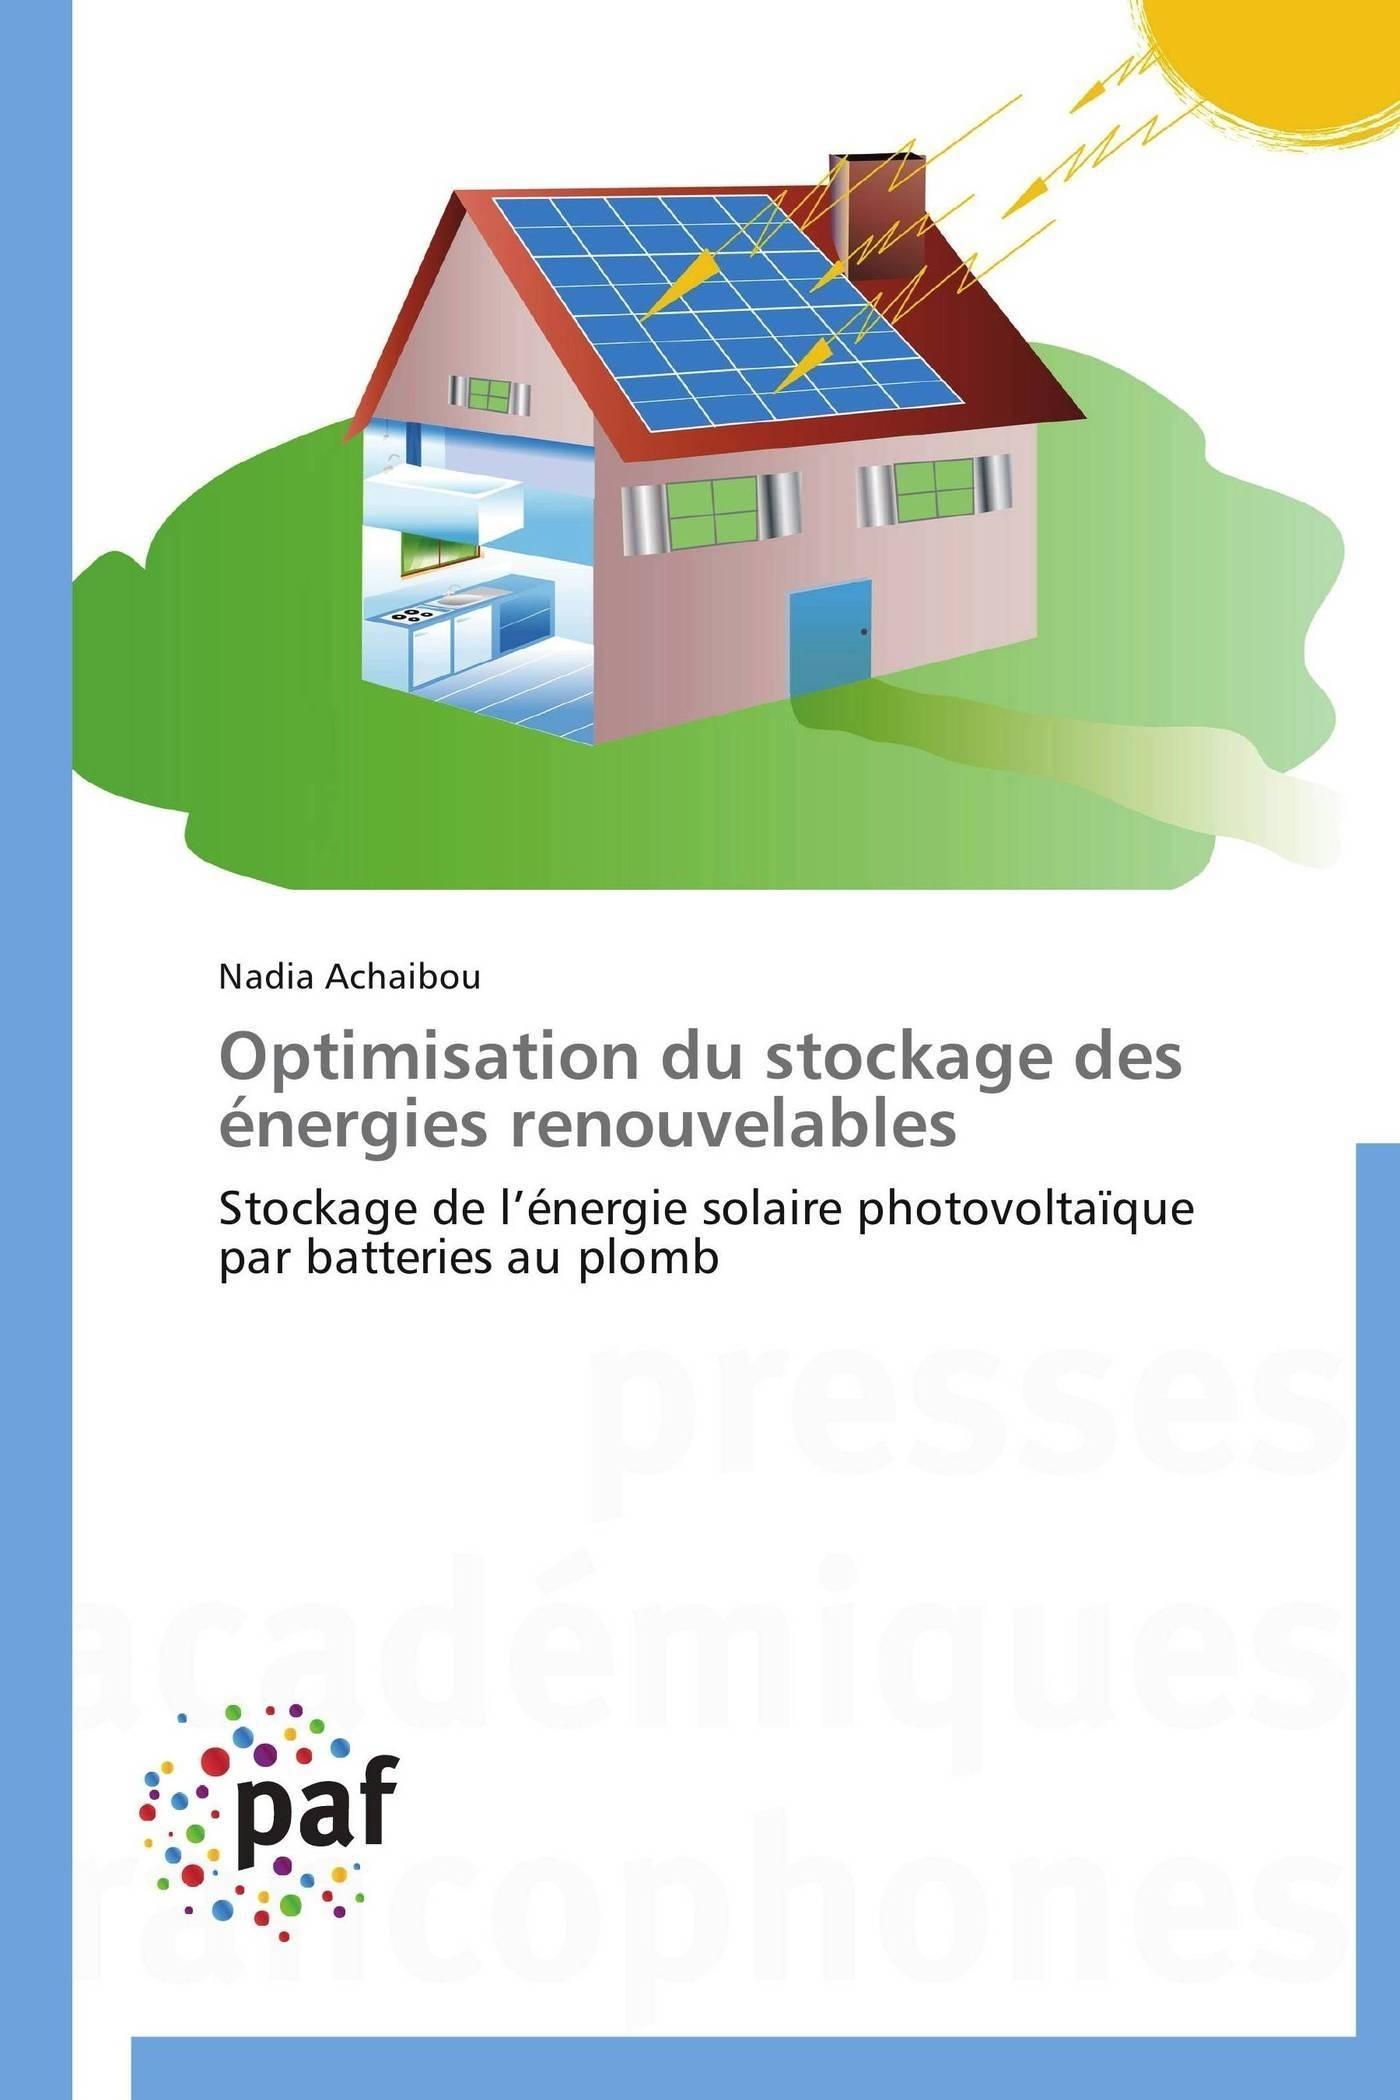 OPTIMISATION DU STOCKAGE DES ENERGIES RENOUVELABLES